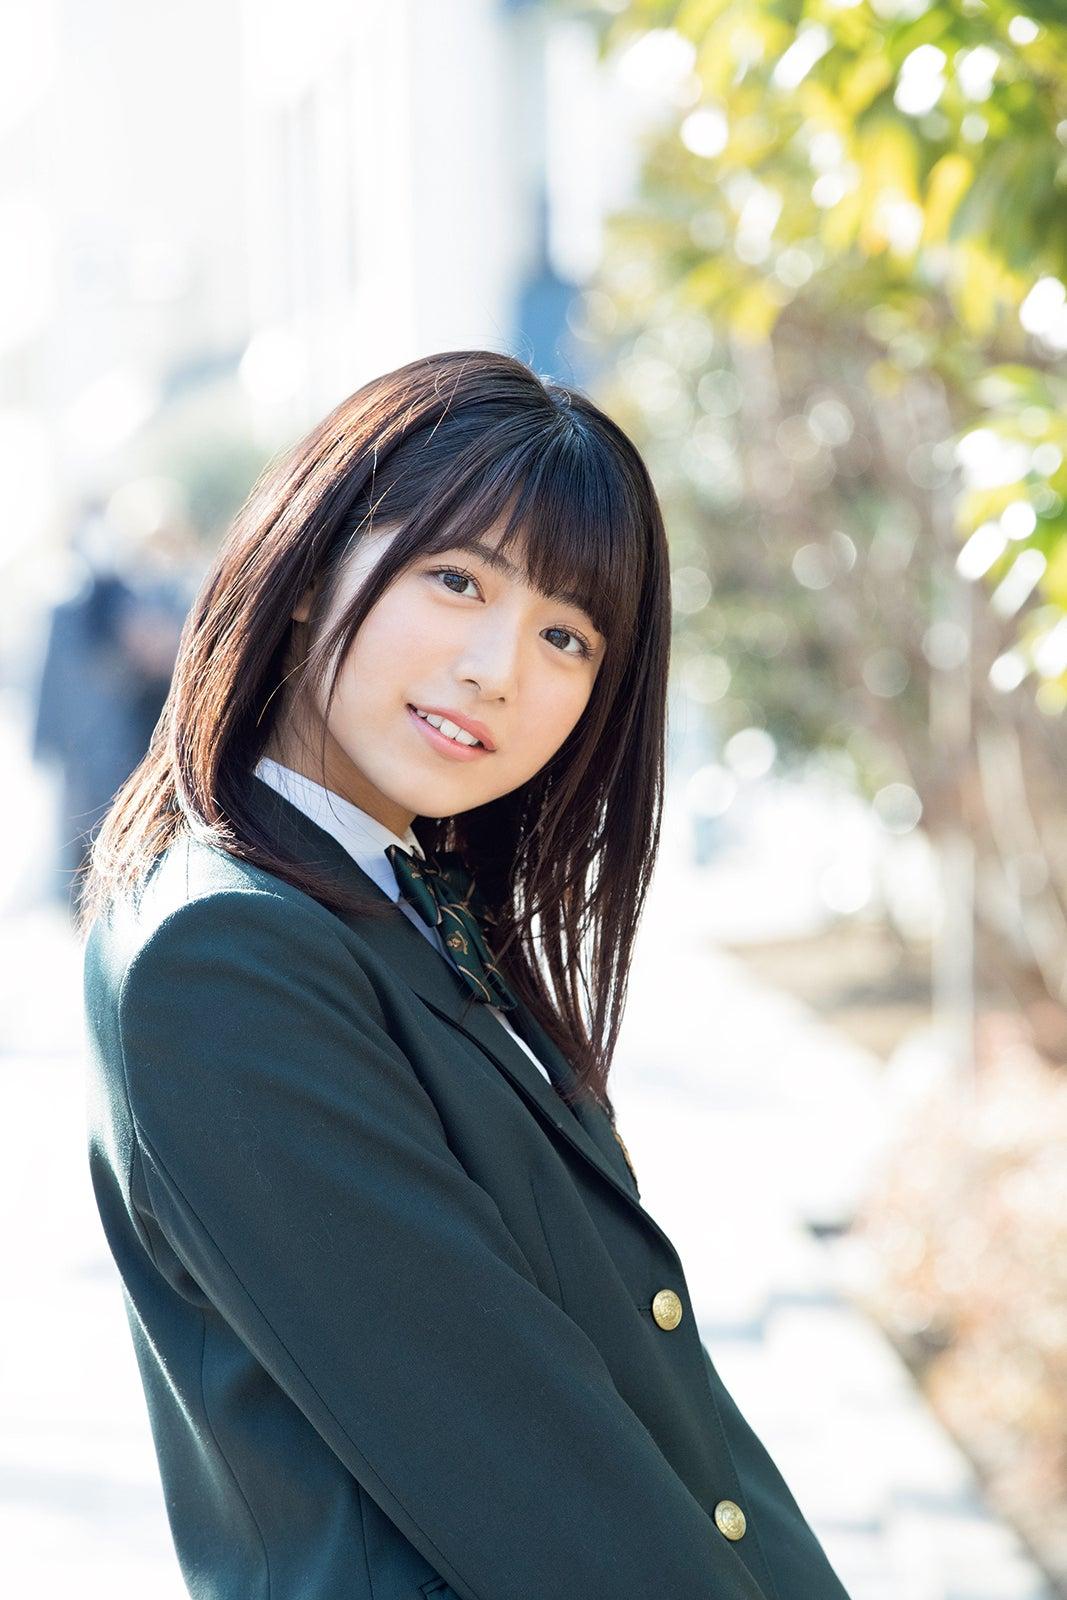 【画像】竹達彩奈似のJKが「高1ミスコン」でグランプリ受賞